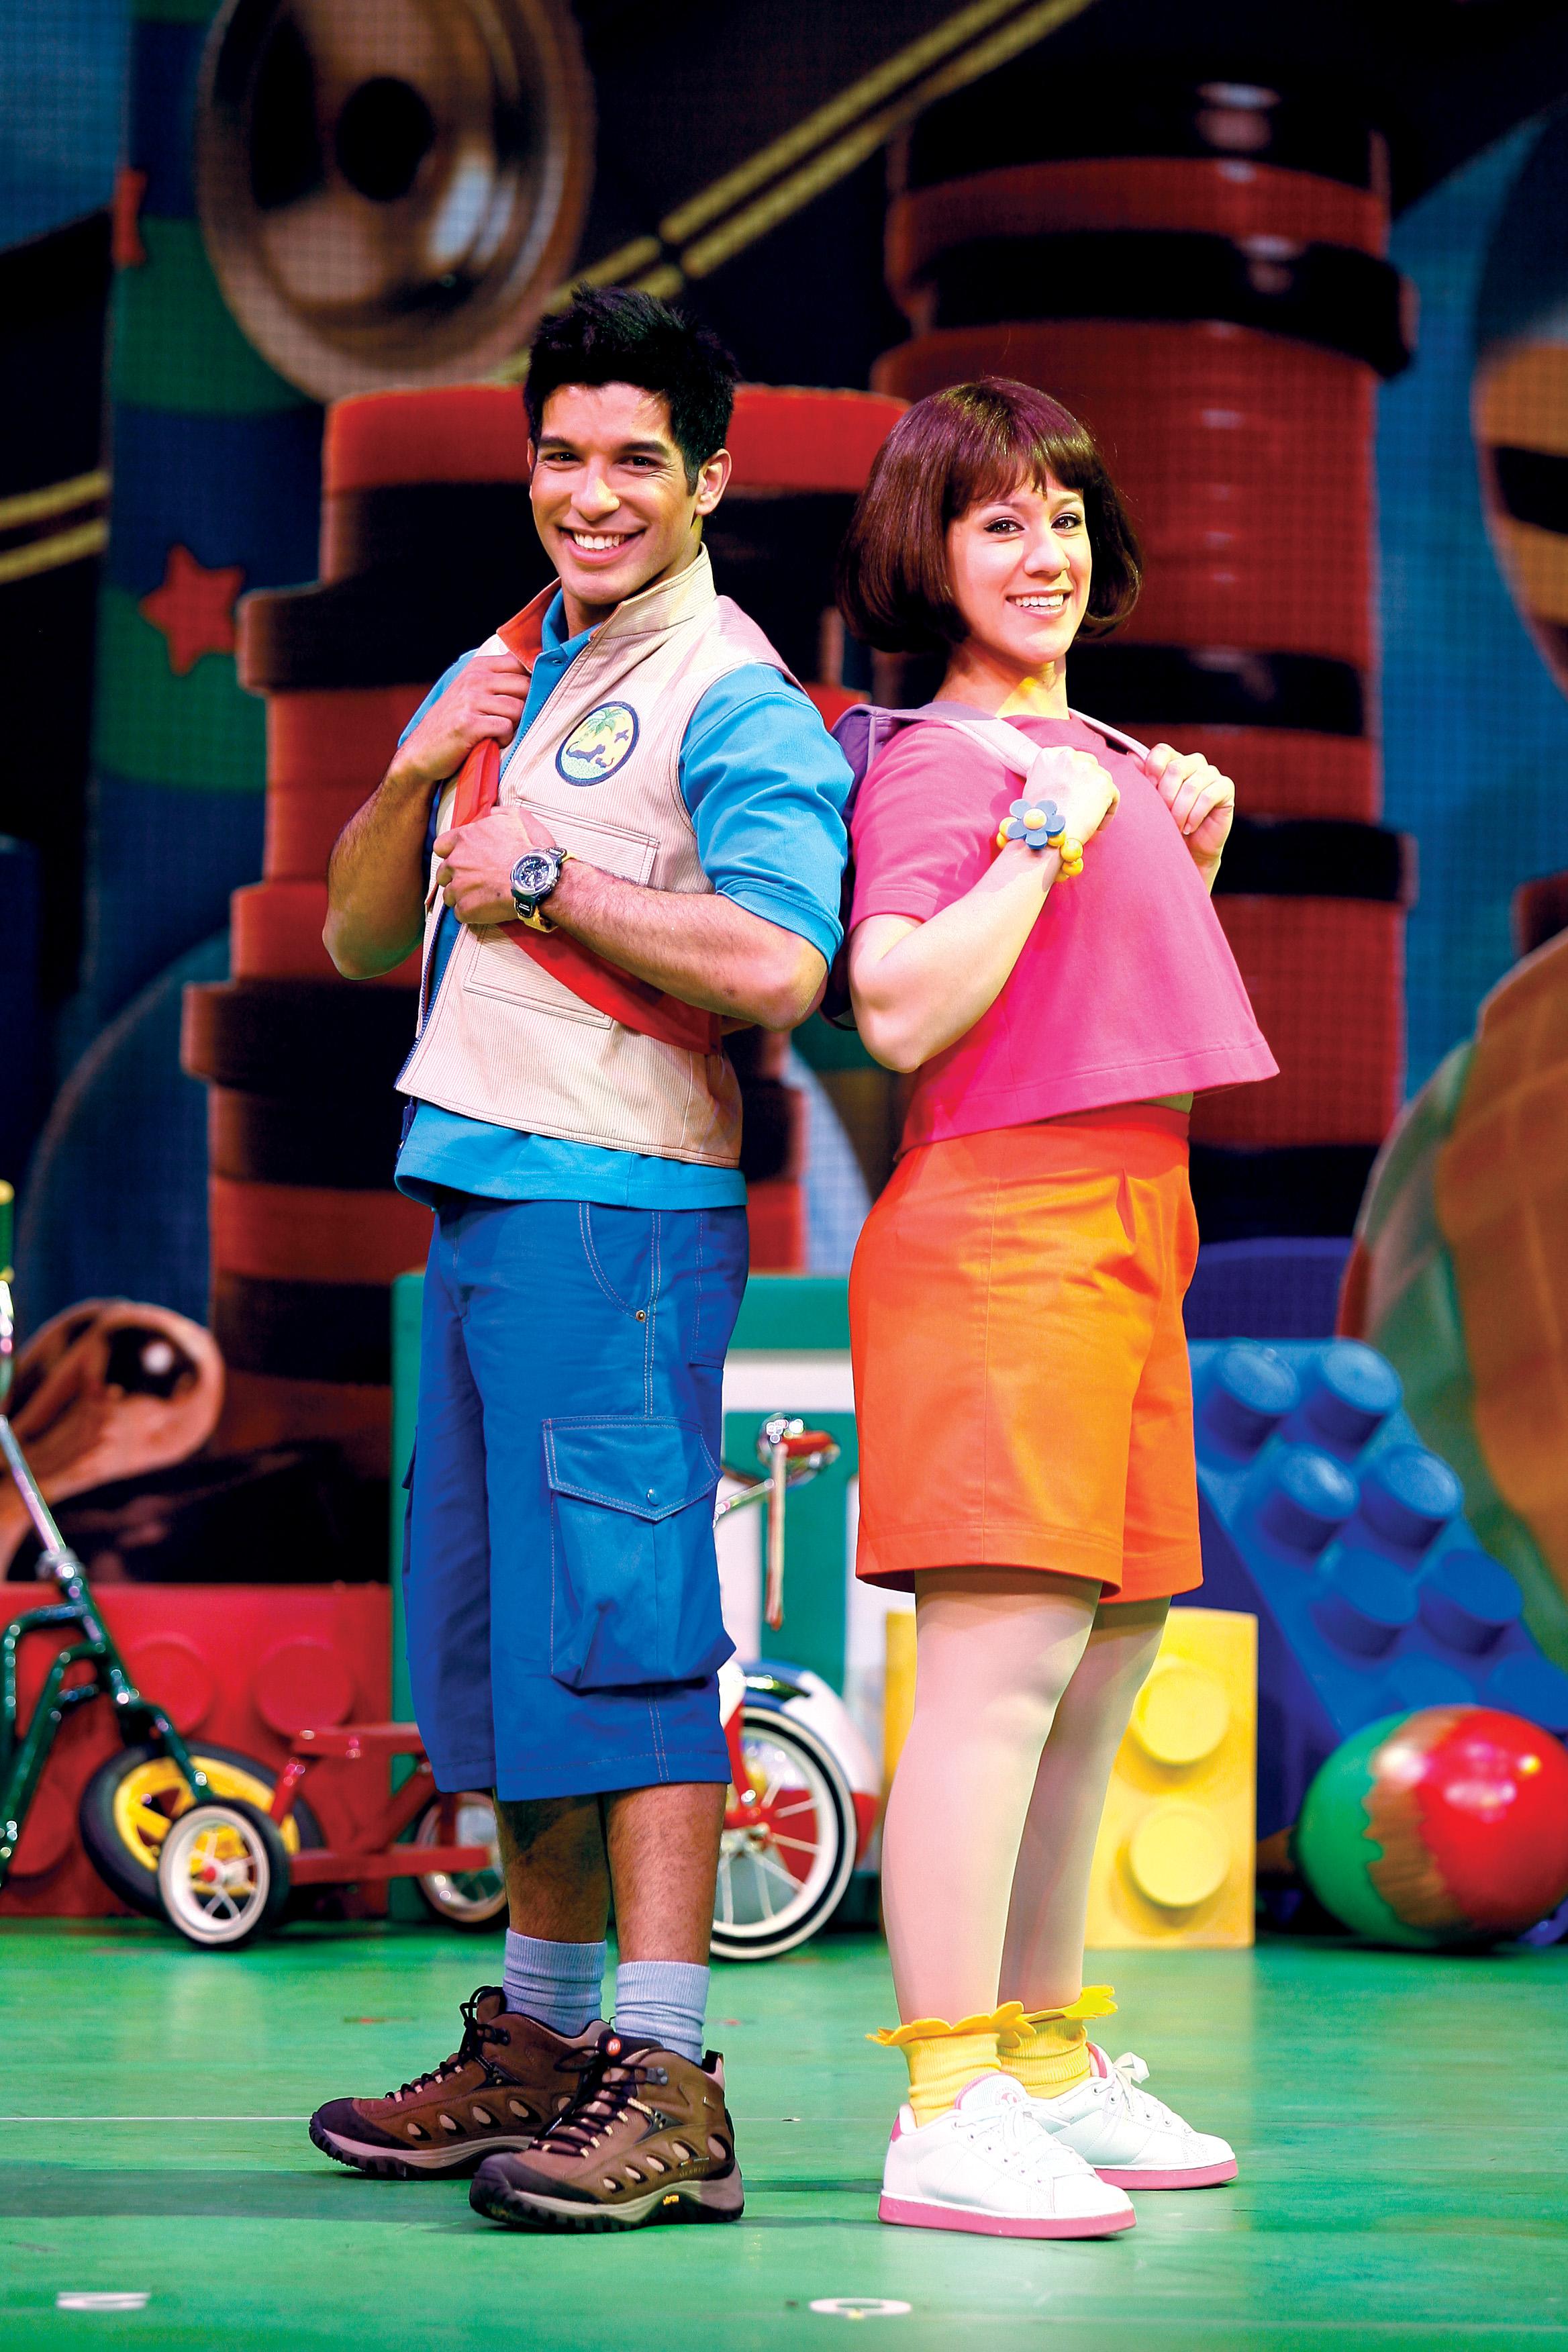 Dora_Toys0298.jpg